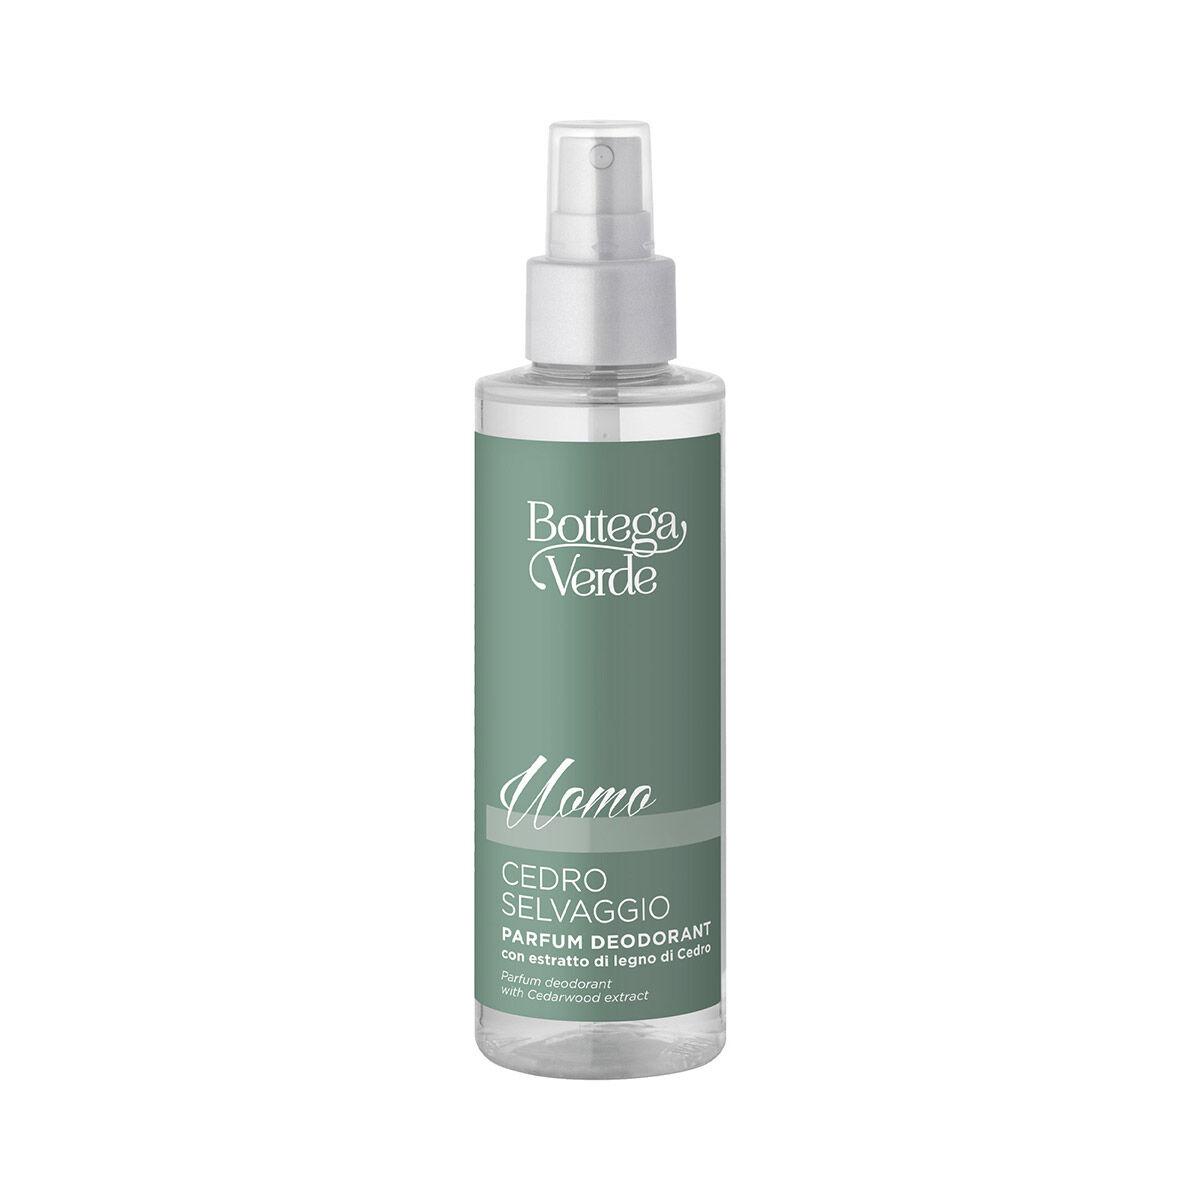 Bottega Verde Desodorante perfumado con extracto de madera de Cedro (150 ml) Cedro silvestre